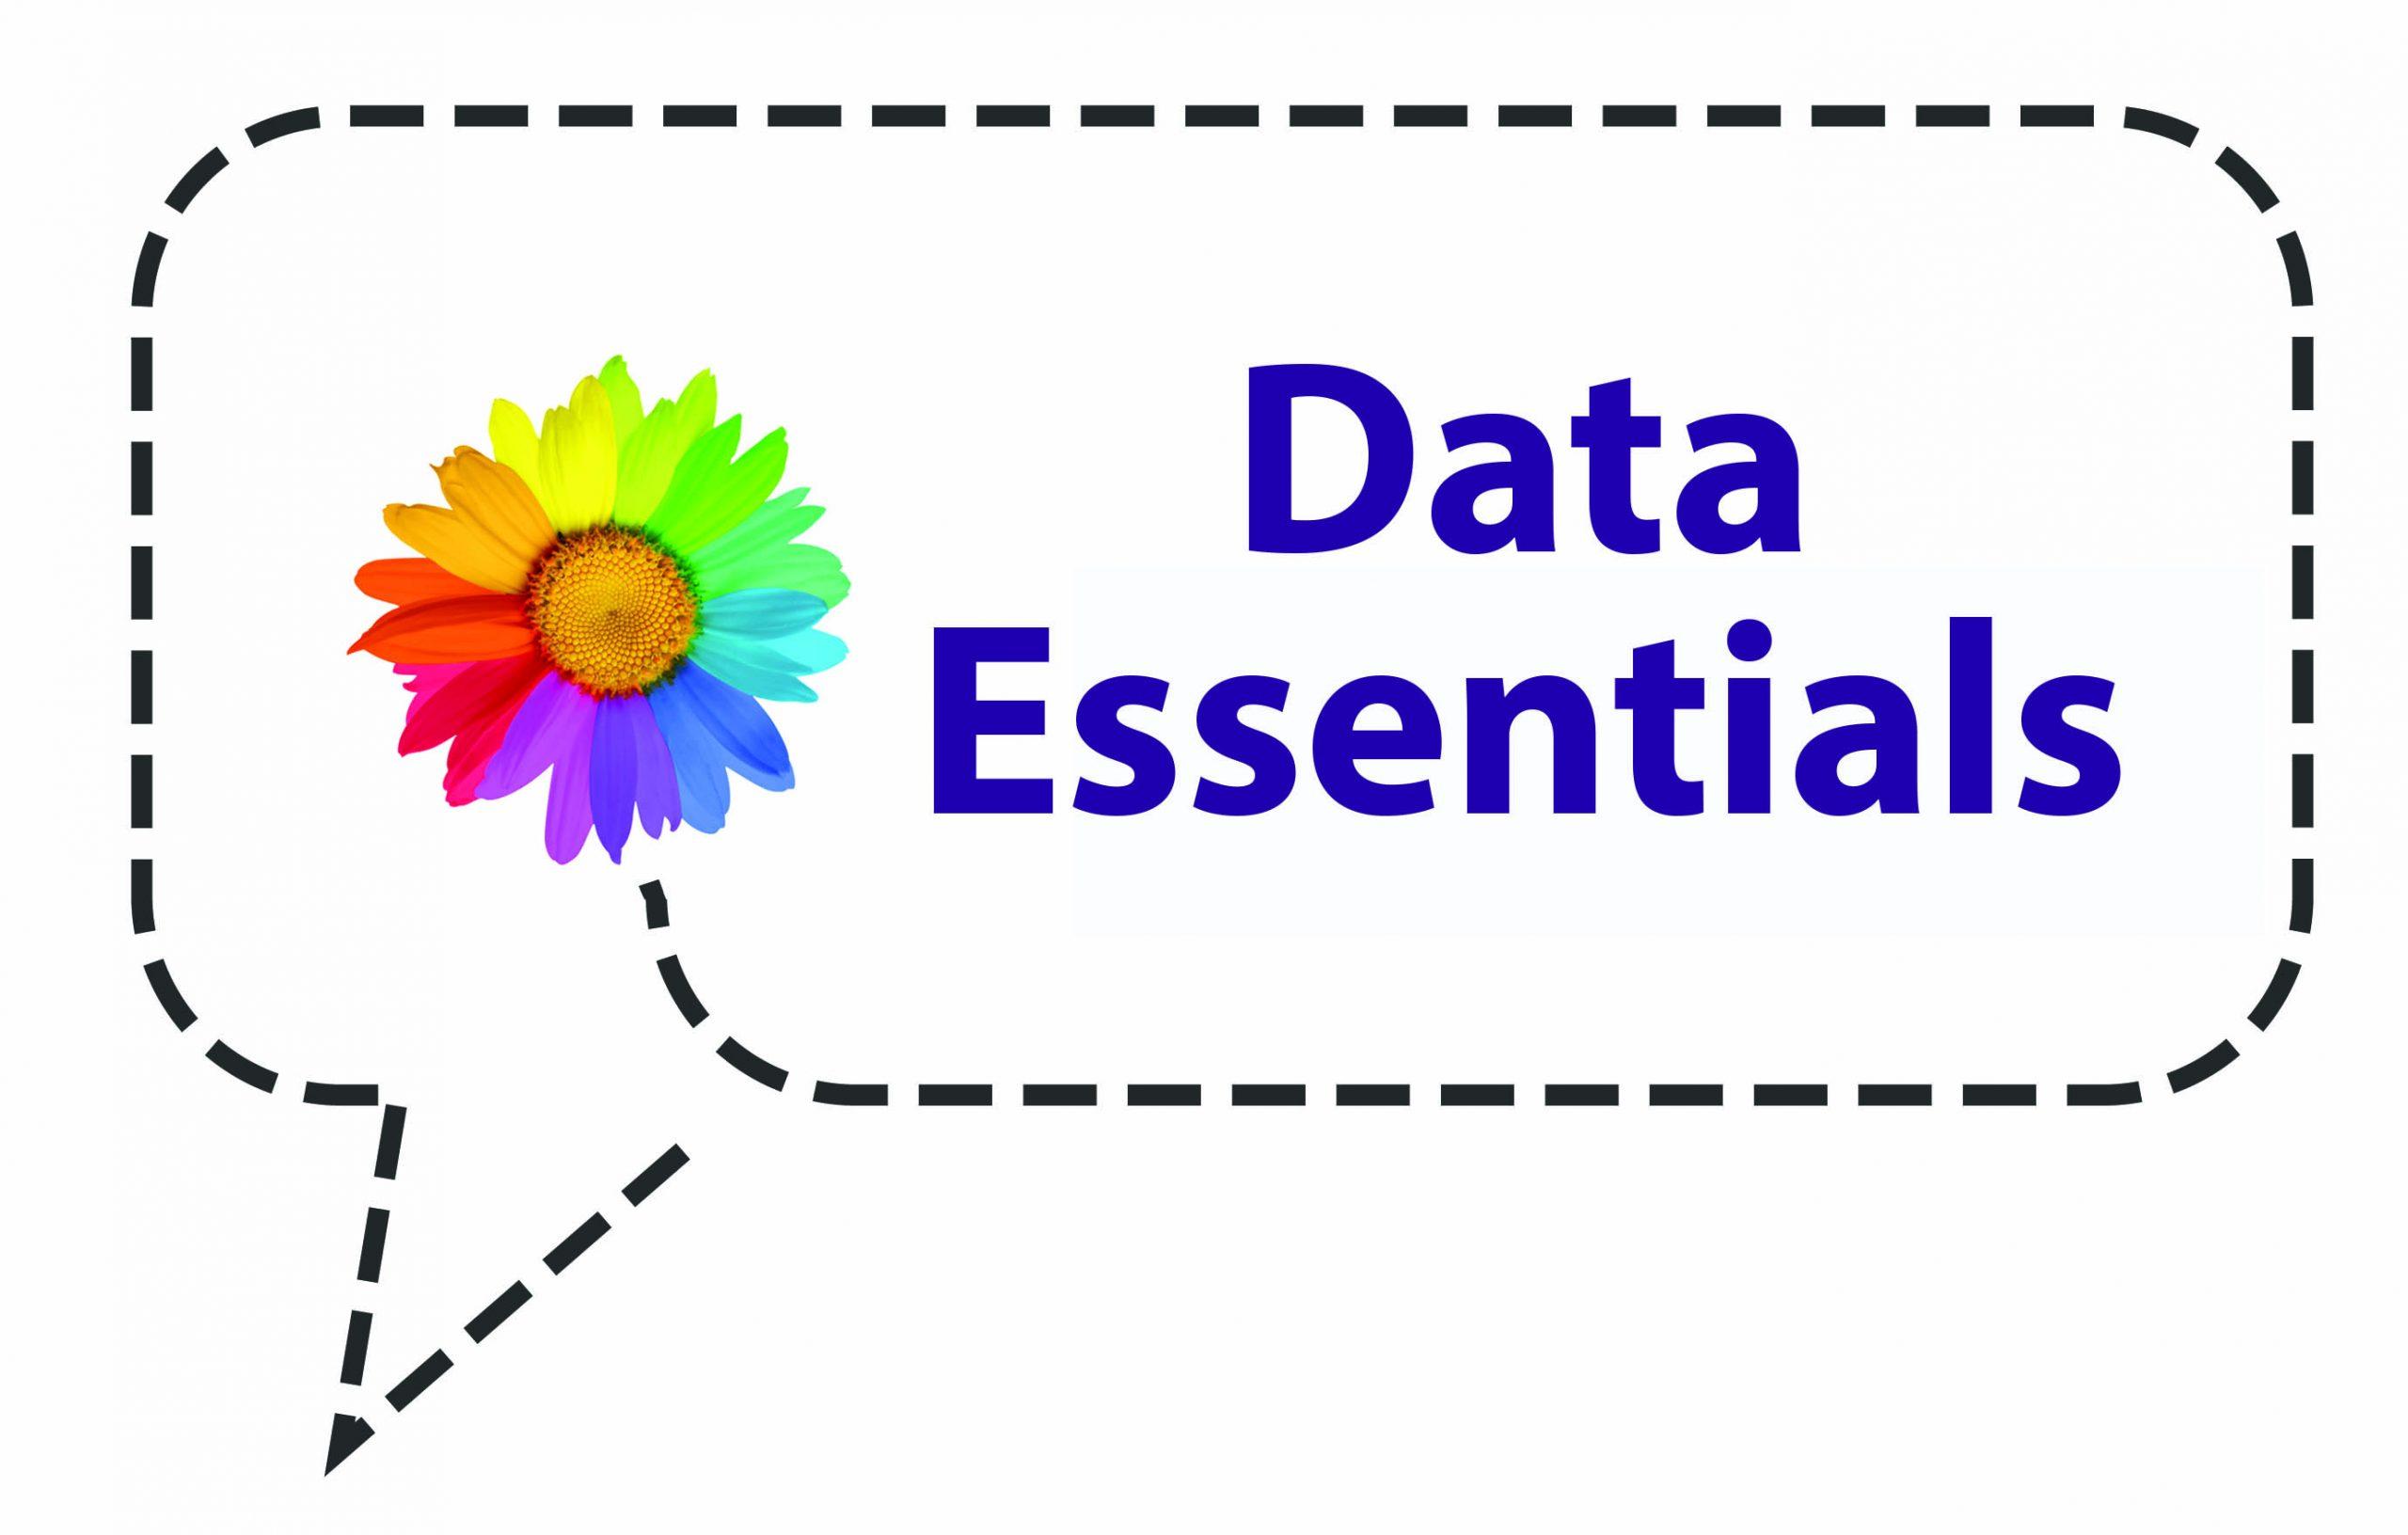 Data Essentials